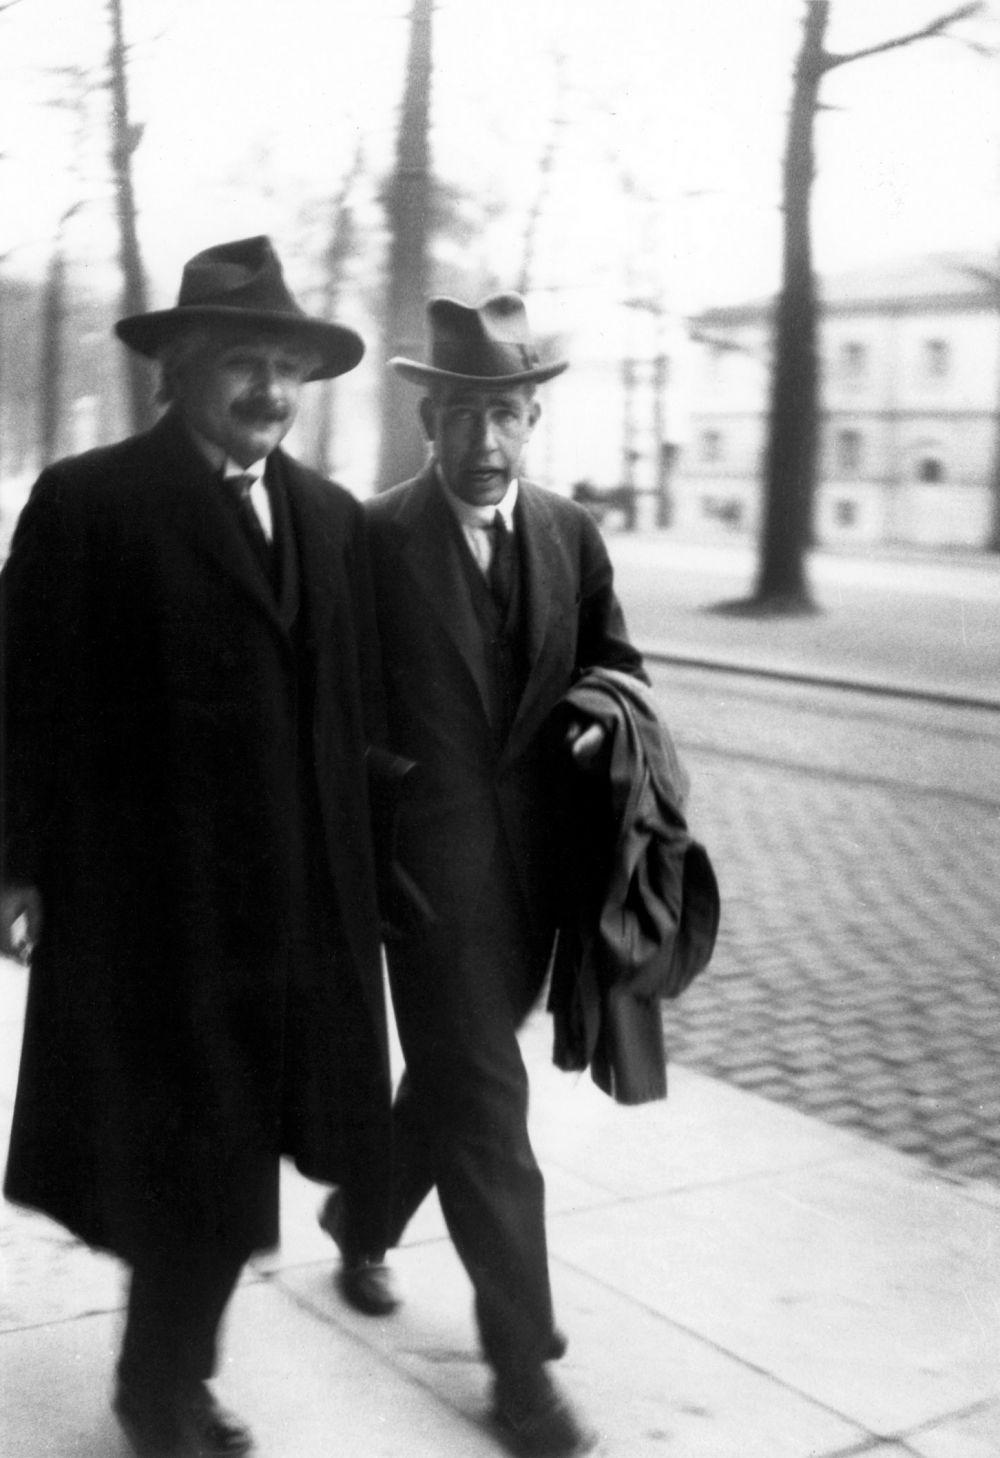 Эйнштейн не боялся указывать коллегам на их ошибки и зачастую делал это по собственной инициативе без поддержки других. Нильсу Бору (на фото) он заявил, что «Бог не играет в кости», когда критиковал «копенгагенскую интерпретацию» квантовой механики.